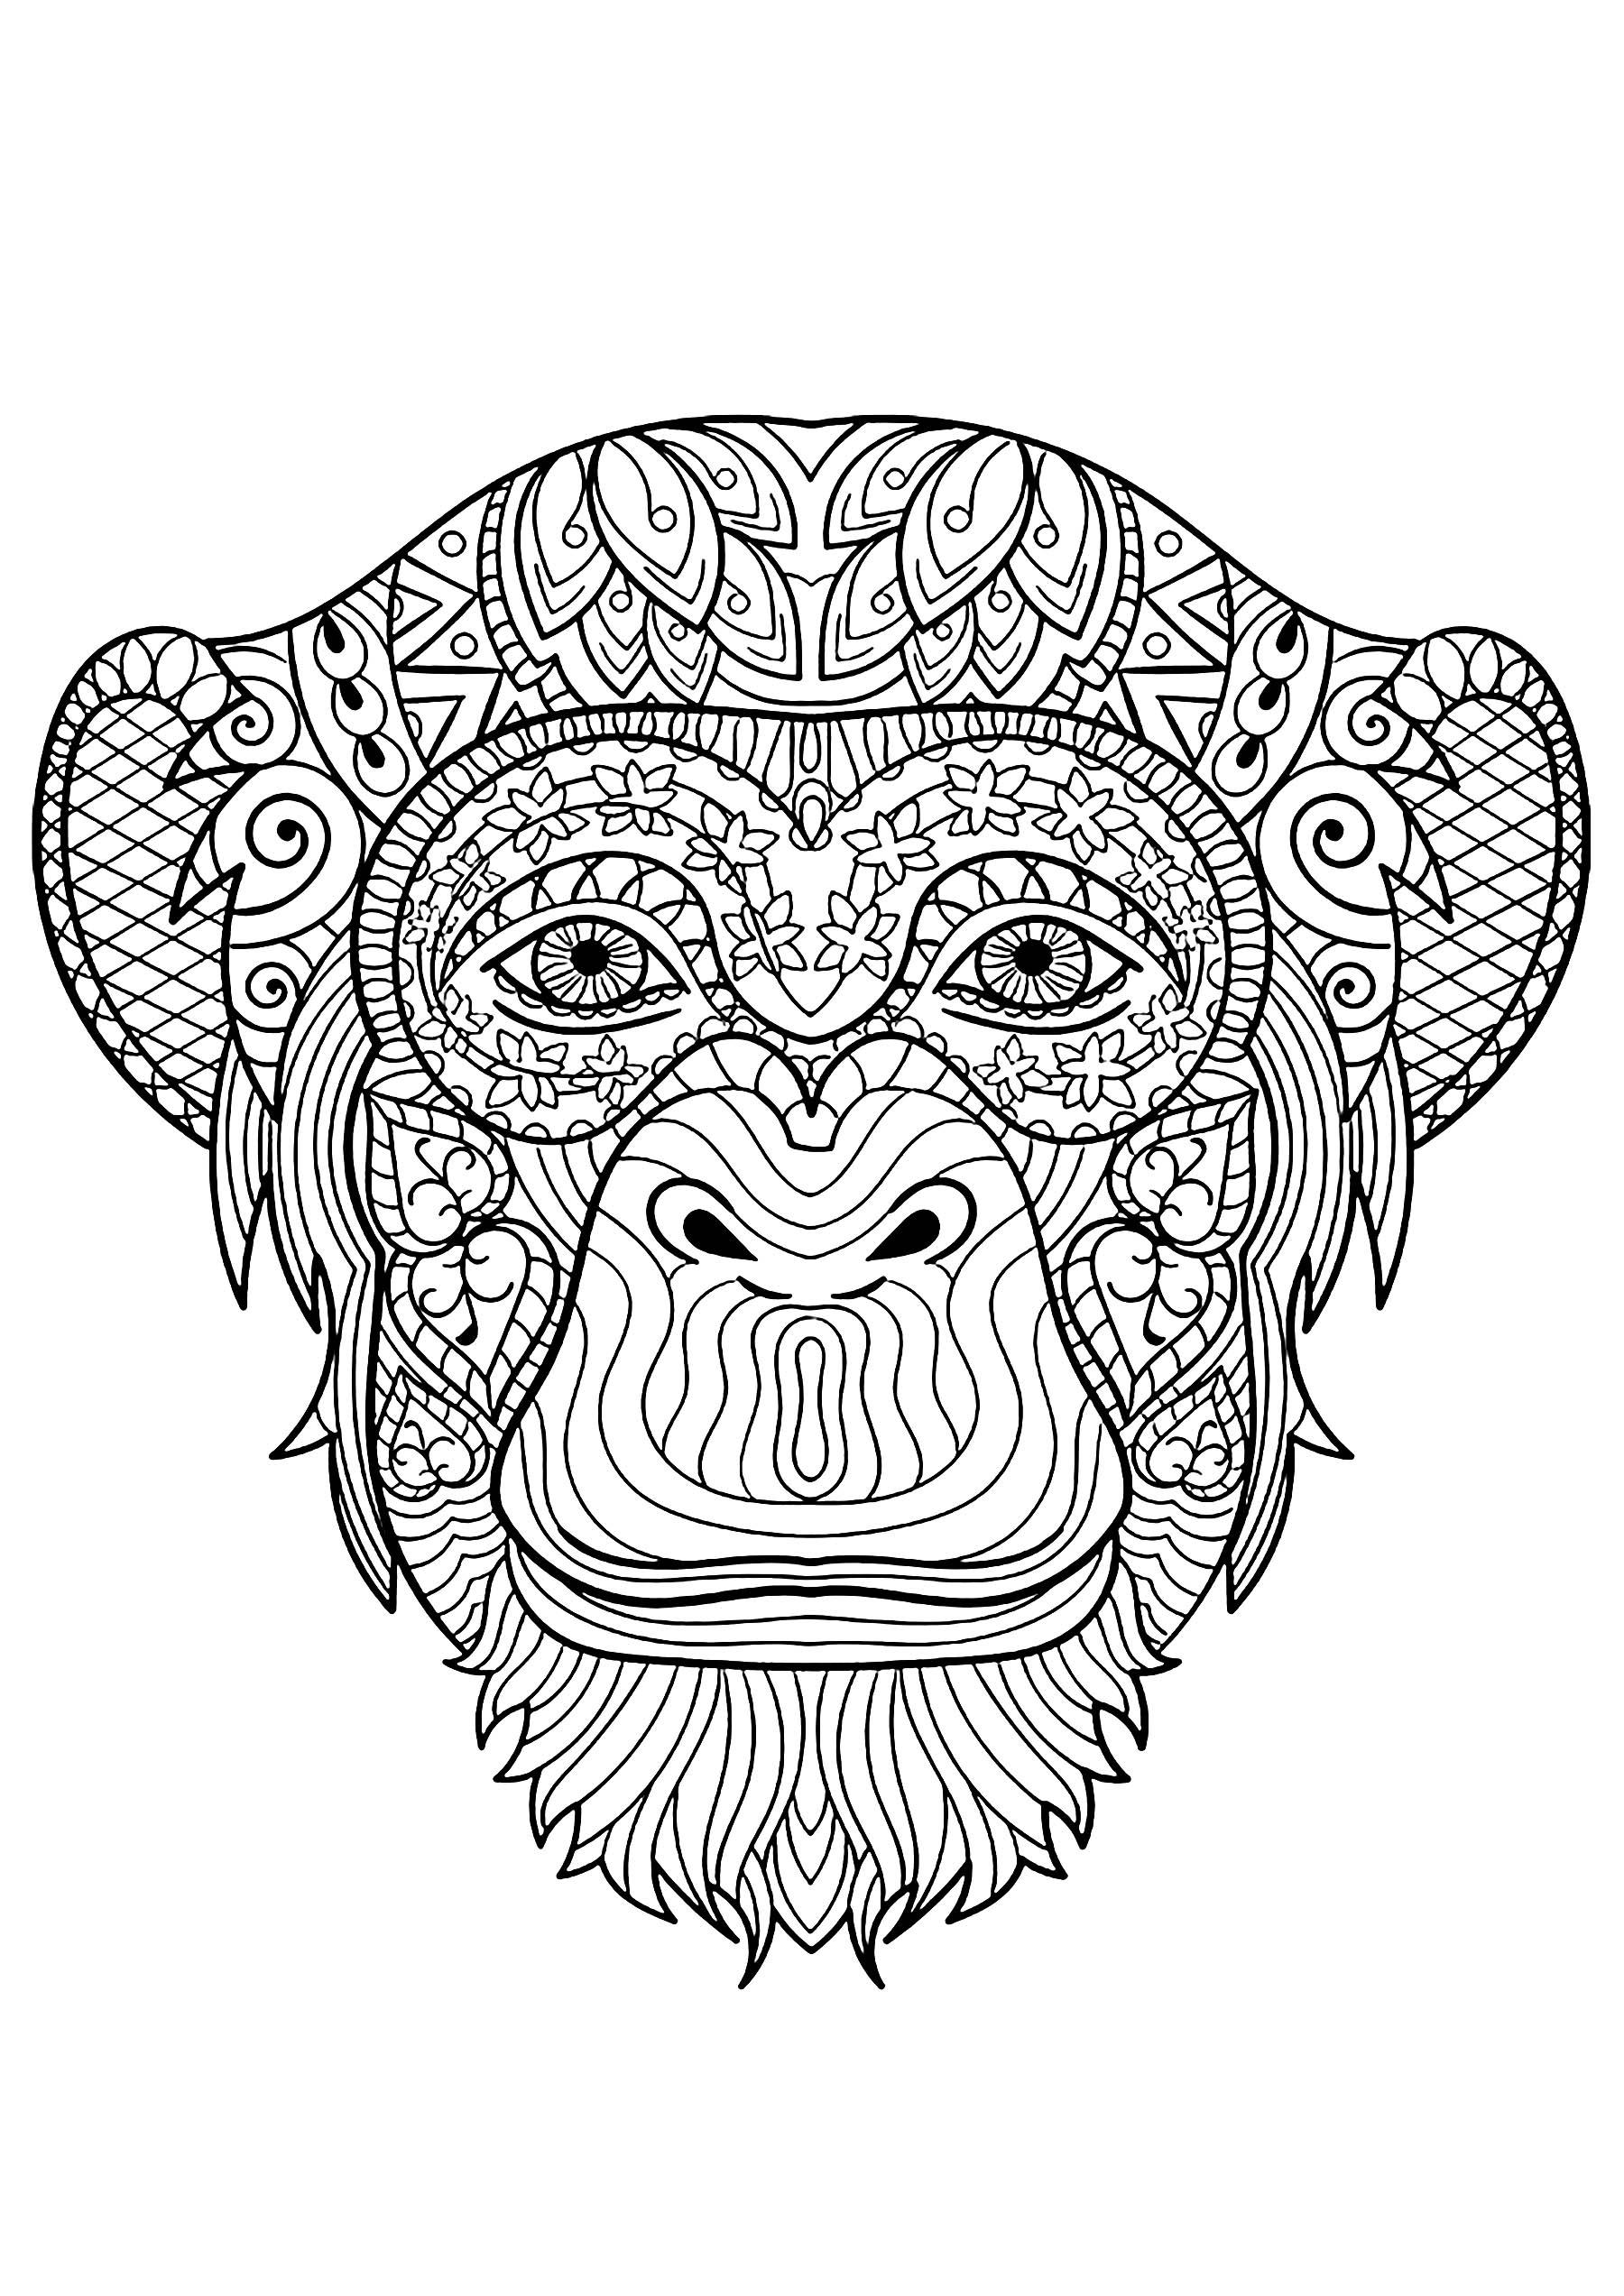 Jolie tête de singe à coloriage avec de beaux motifs